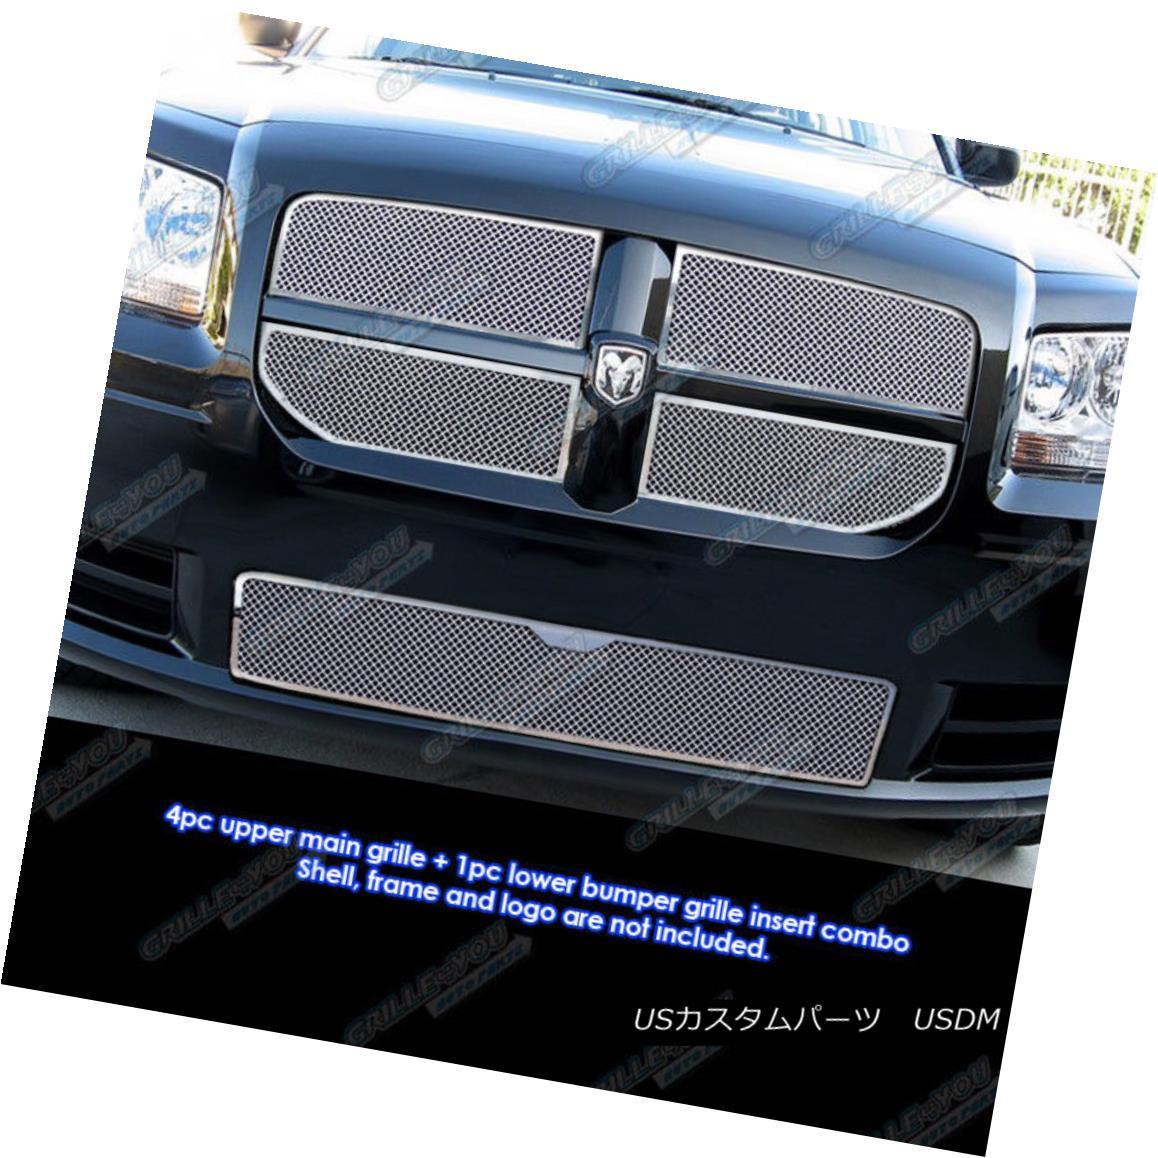 グリル Custom Fits 05-08 Dodge Magnum Stainless Mesh Grill Combo カスタムフィット05-08ダッジマグナムステンレスメッシュグリルコンボ